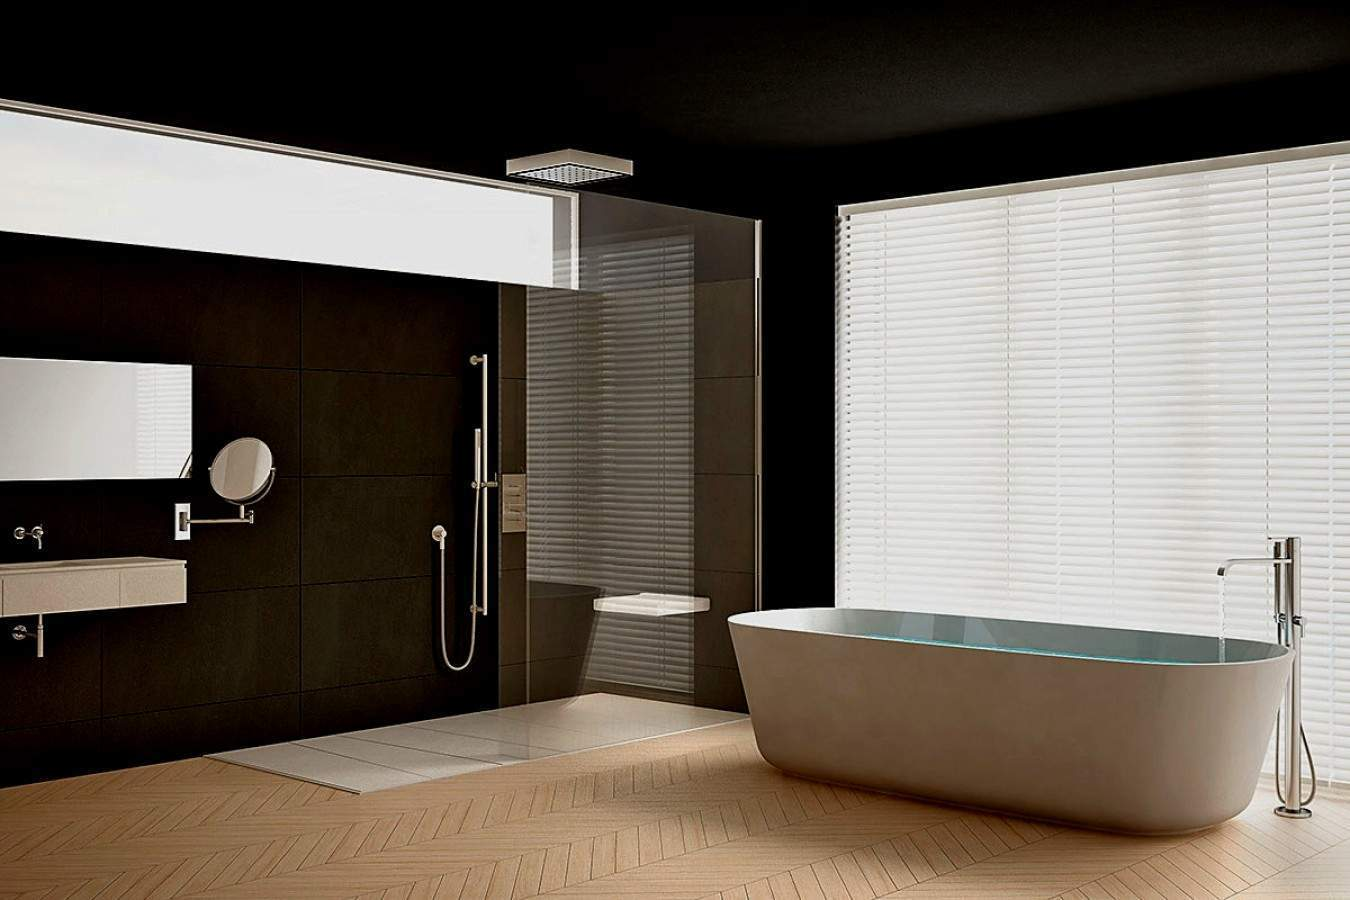 wohnzimmer boden das beste von wohnzimmer bodenbelag frisch 46 luxus wunderbare pvc boden of wohnzimmer boden